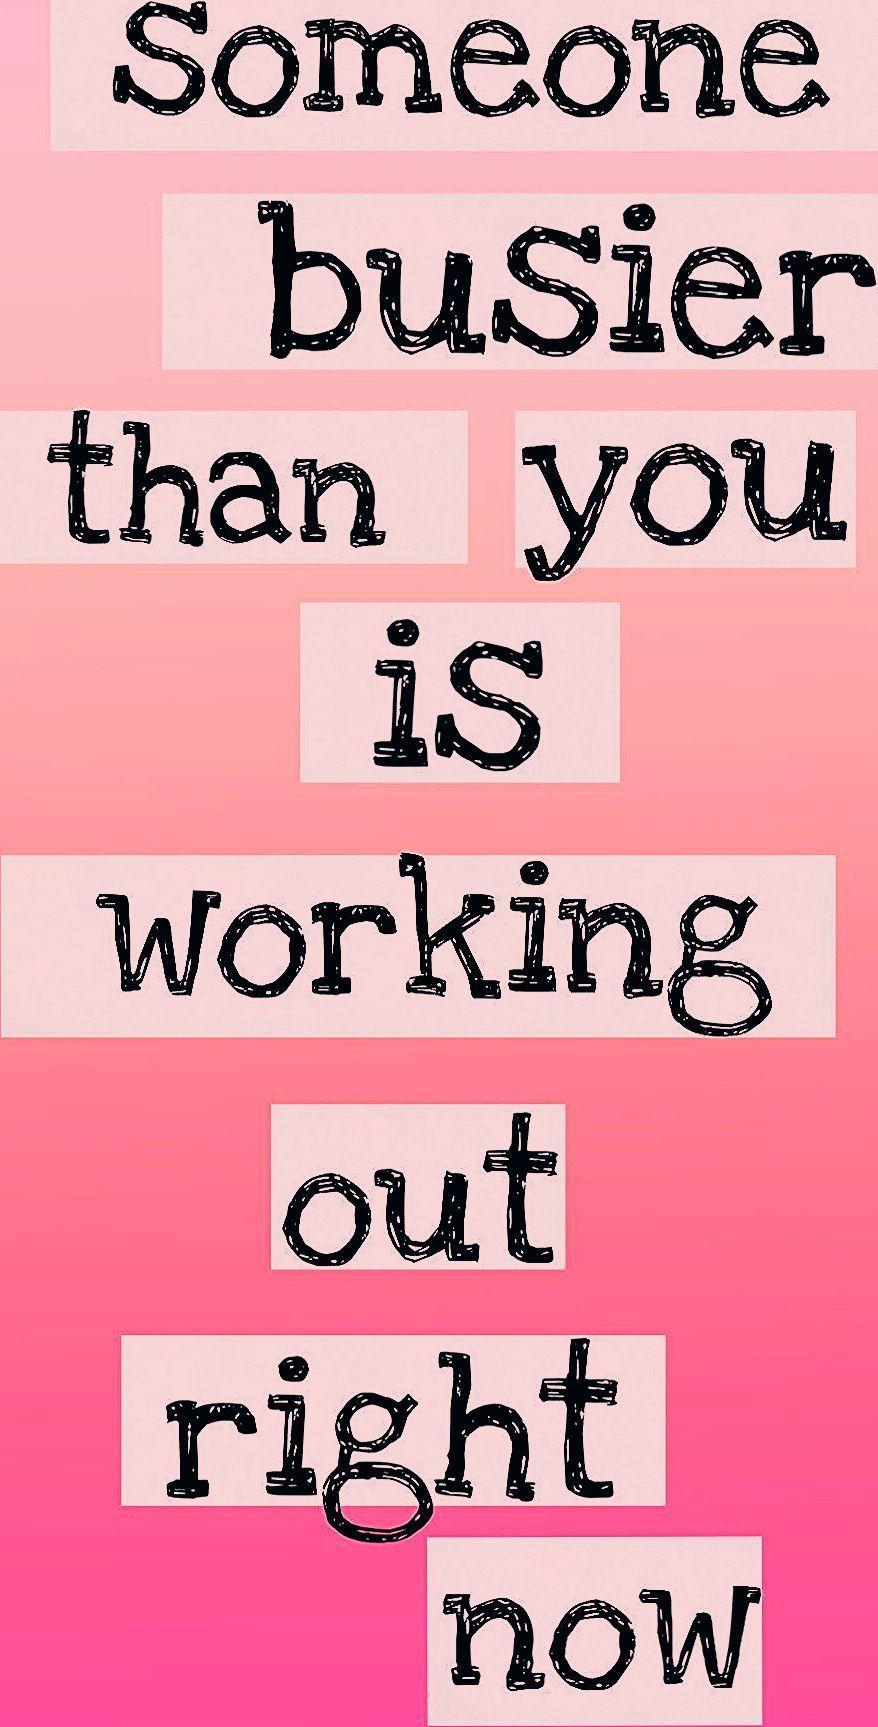 #beliebte #fitness #inspirierende #Motivierende #TopZitate #Zitate inspirierende Zitate, motivierend...